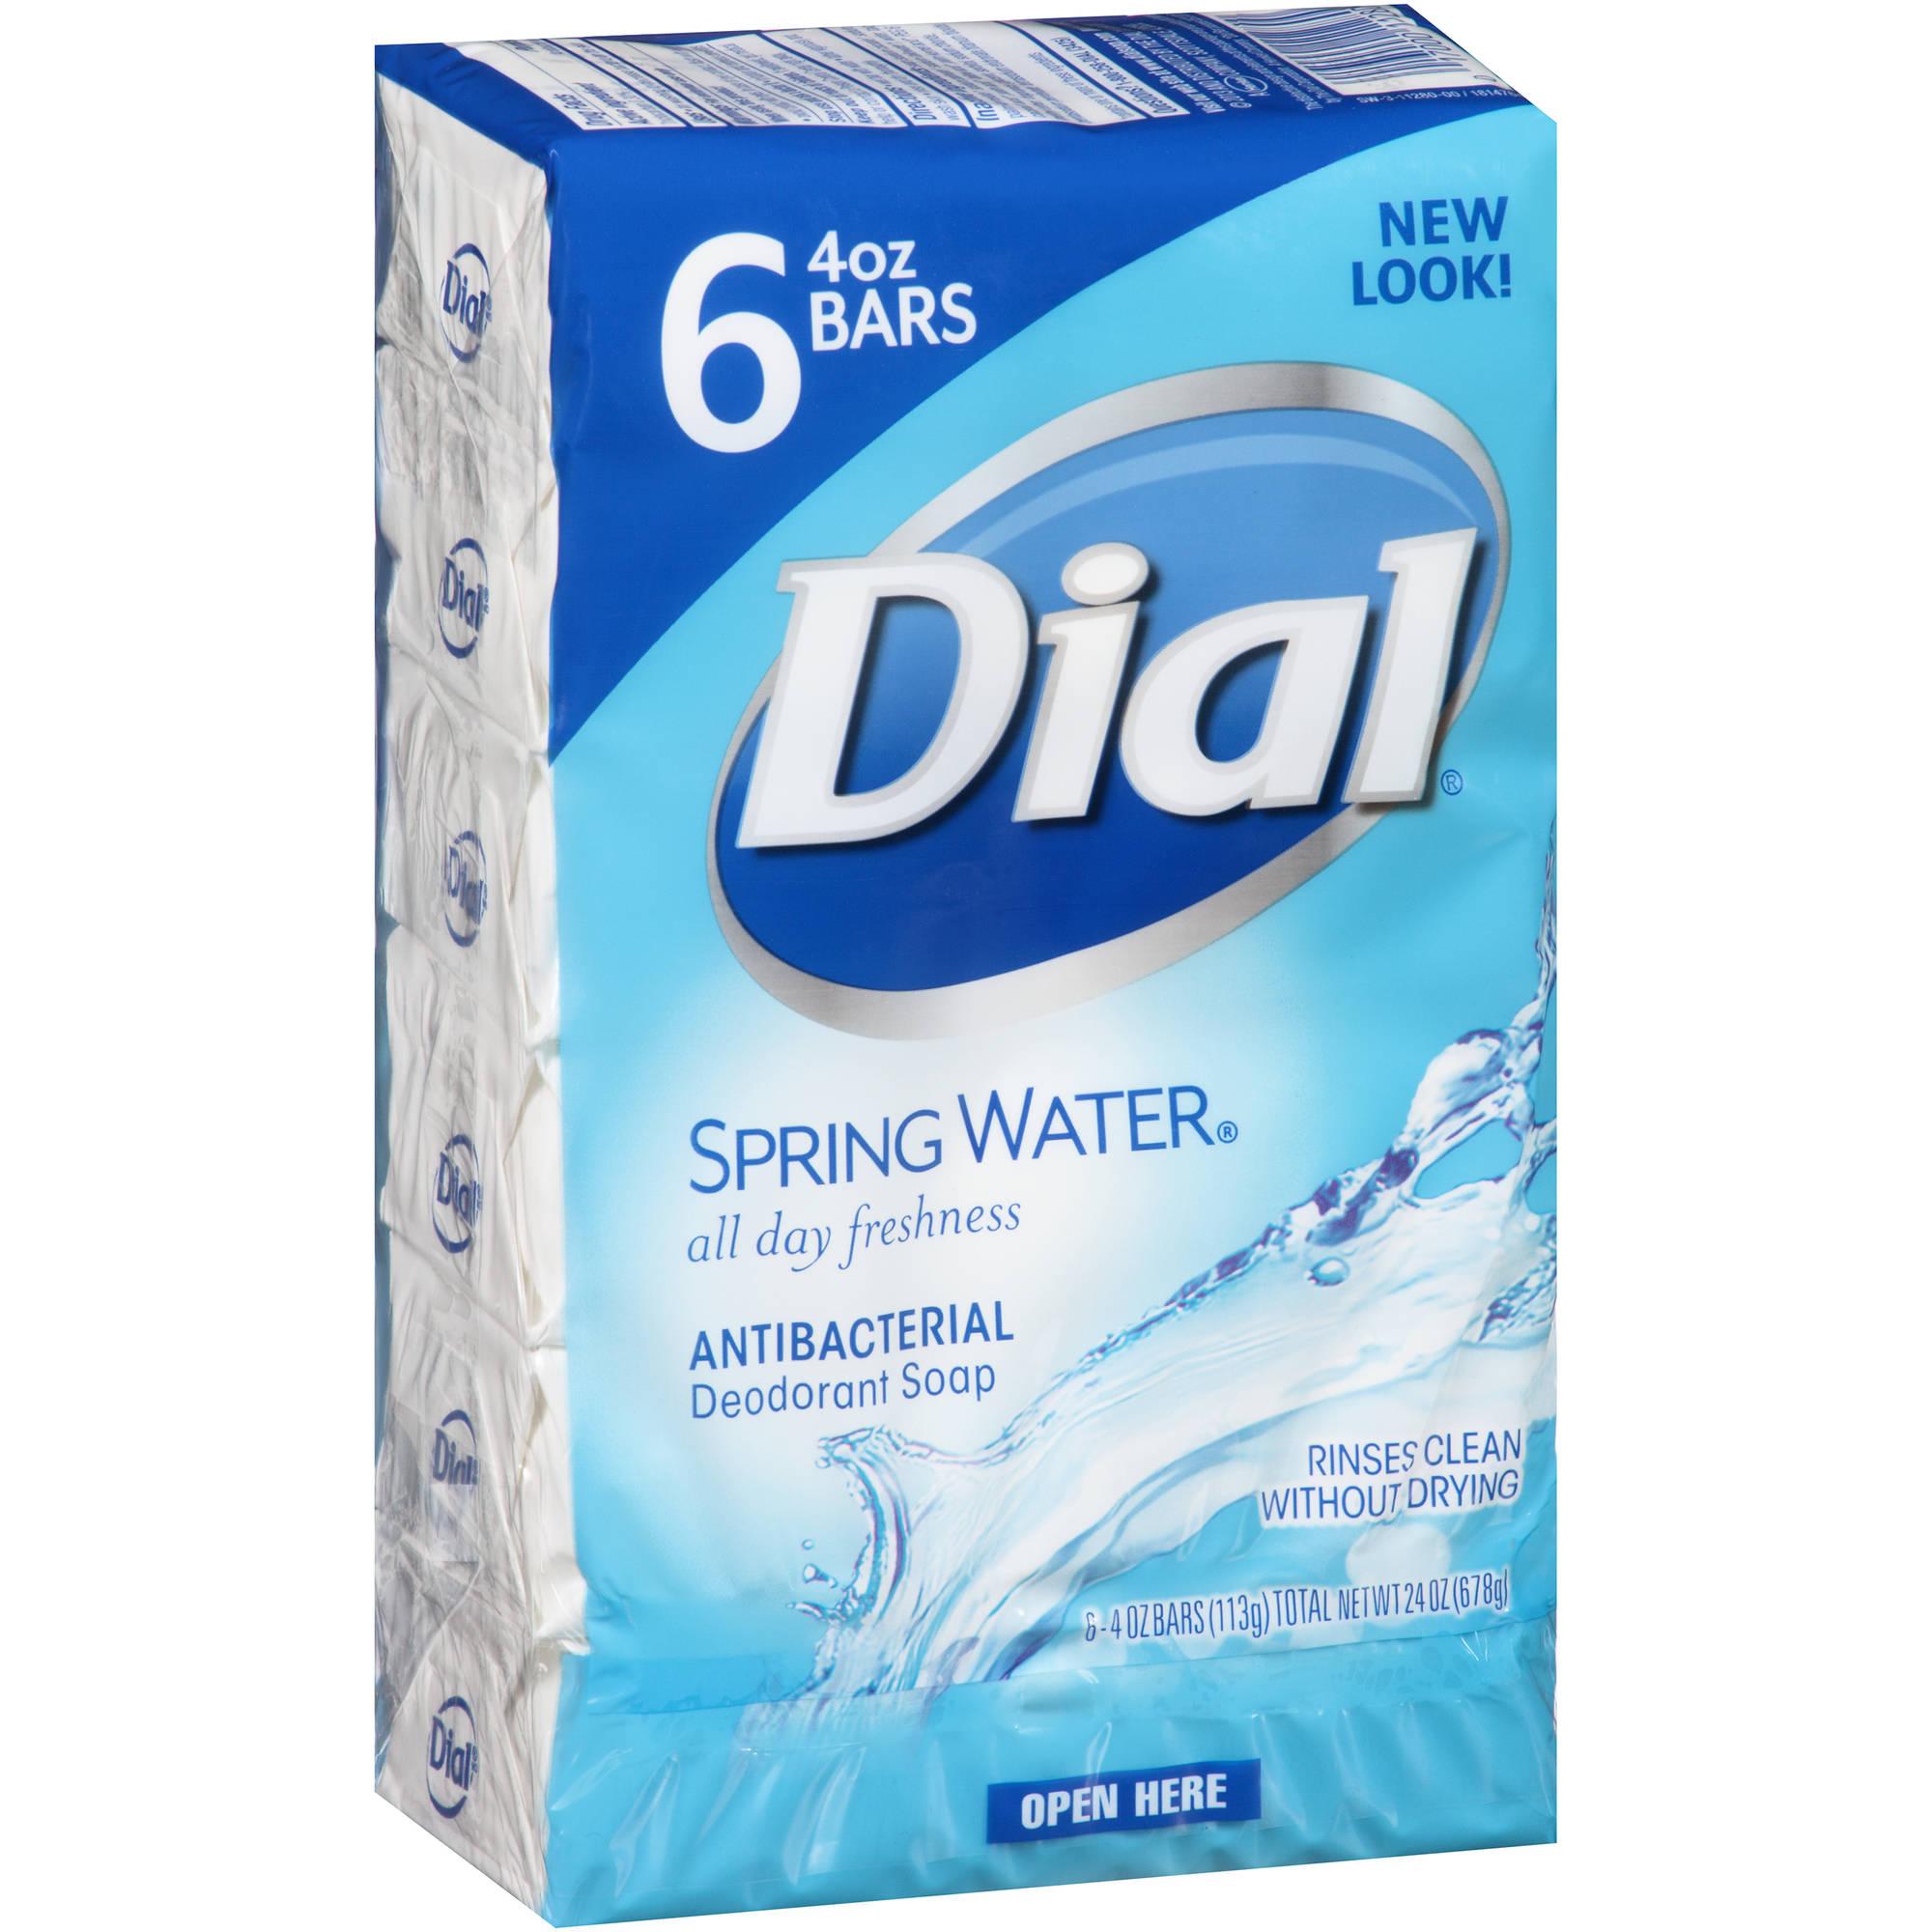 Dial Spring Water Antibacterial Deodorant Bar Soap, 4 oz, 6 count